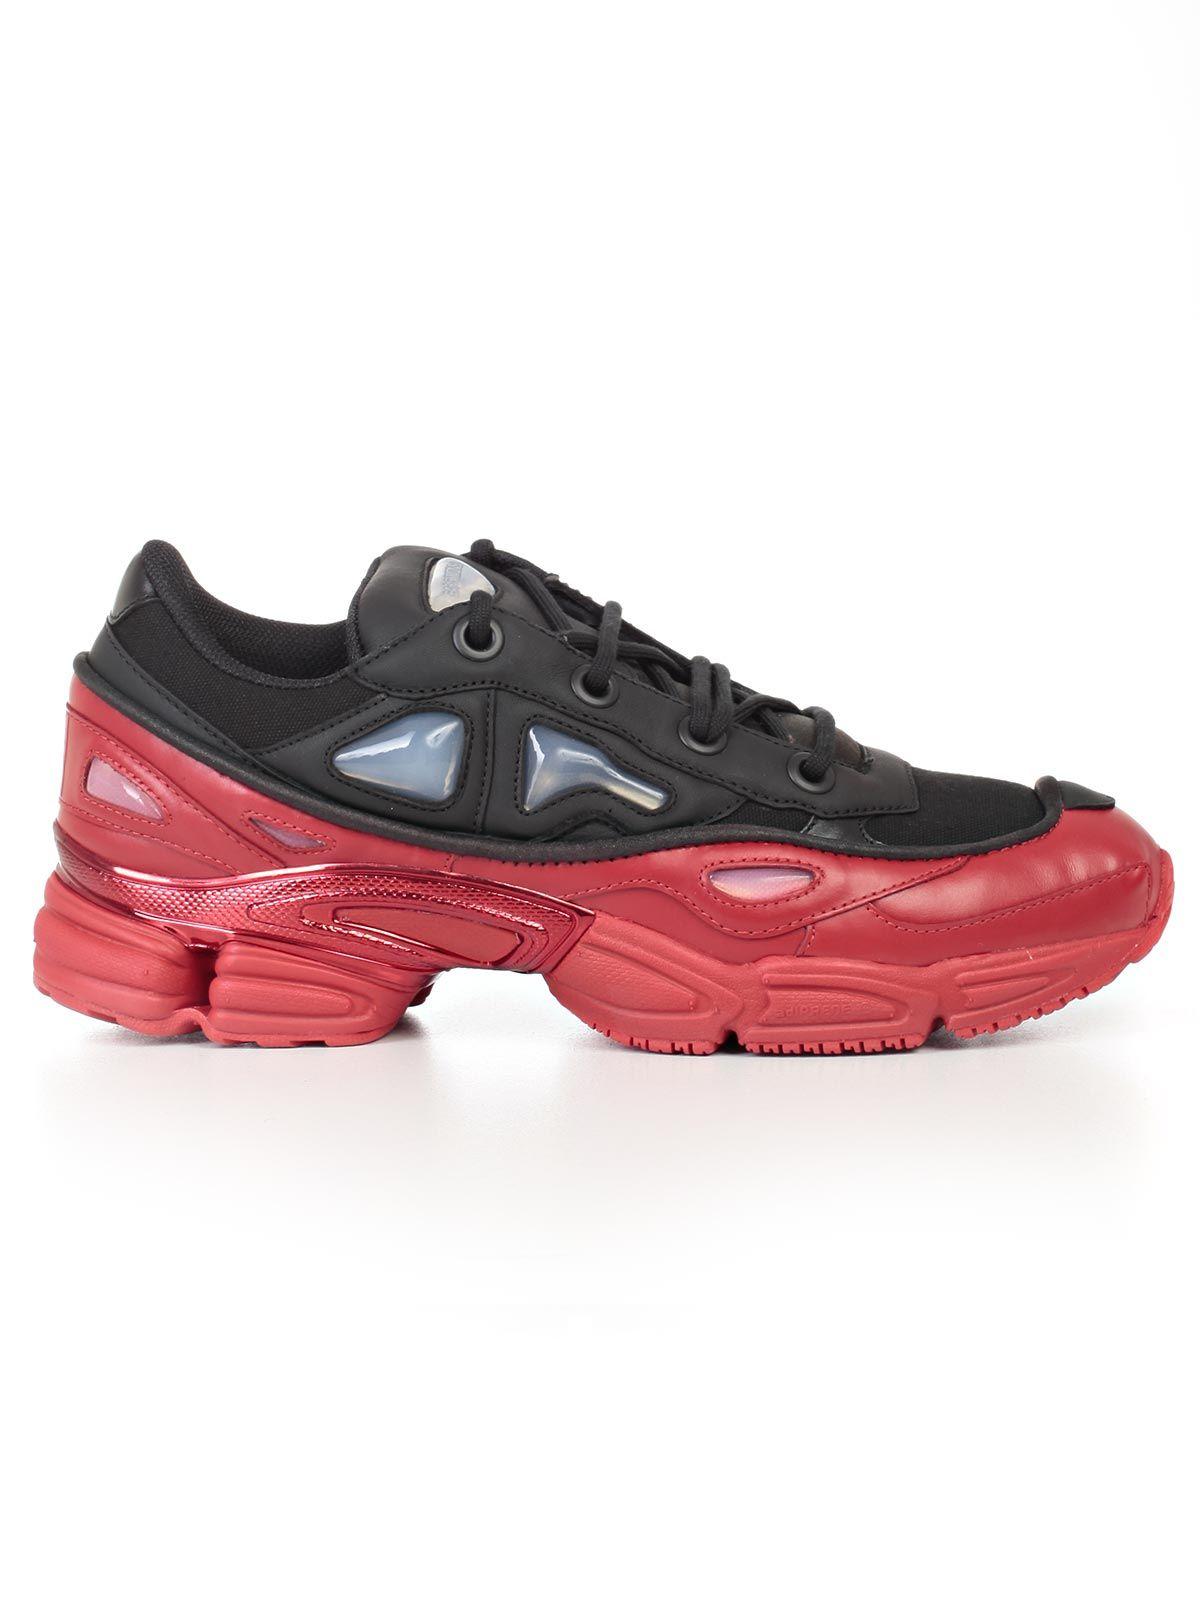 adidas by raf simons adidas by raf simons sneakers. Black Bedroom Furniture Sets. Home Design Ideas